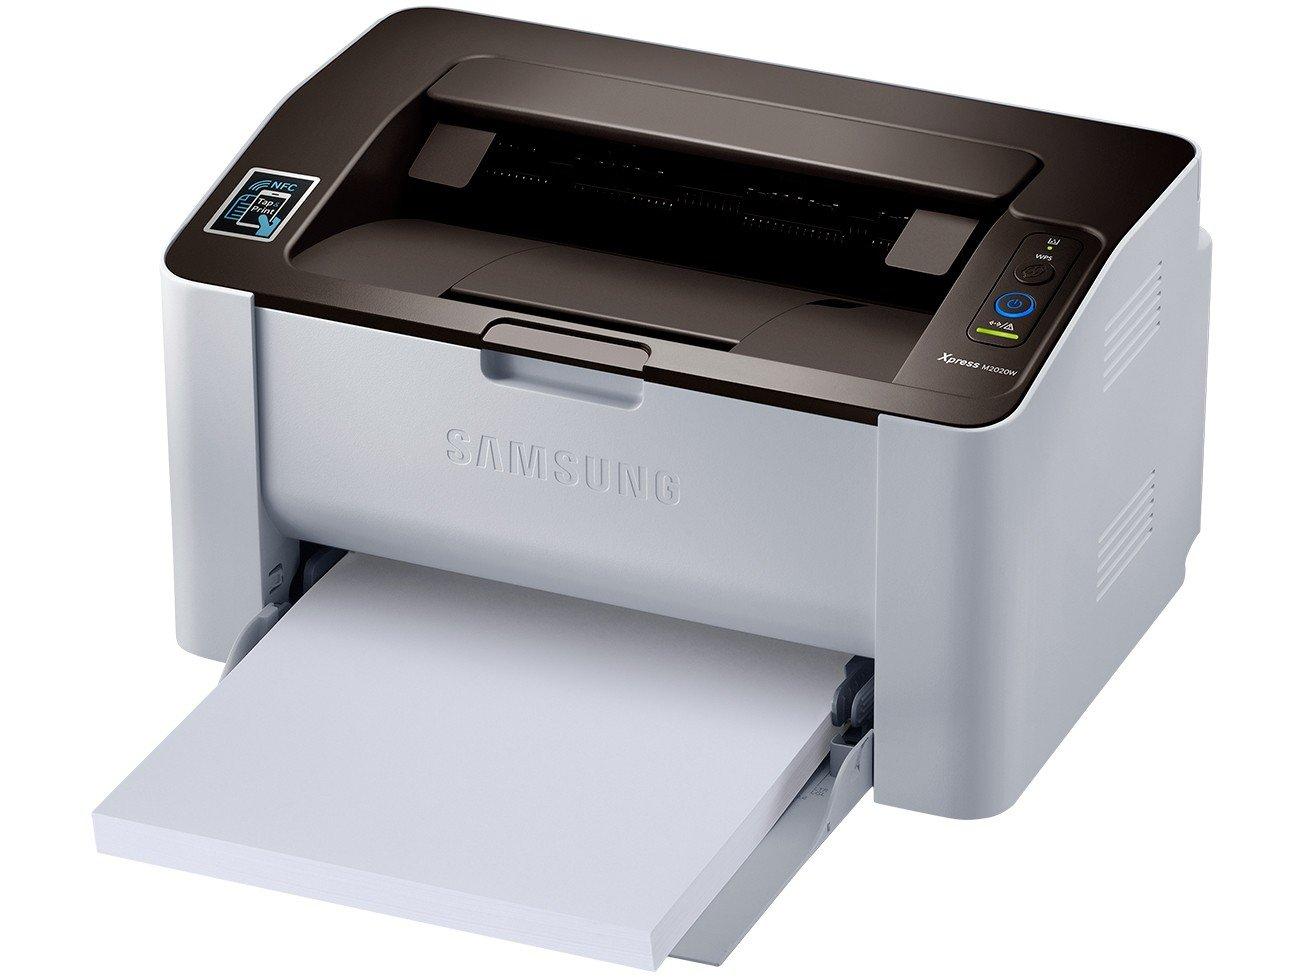 Foto 4 - Impressora Samsung Xpress SL-M2020W Wi-Fi - Monocromática USB NFC